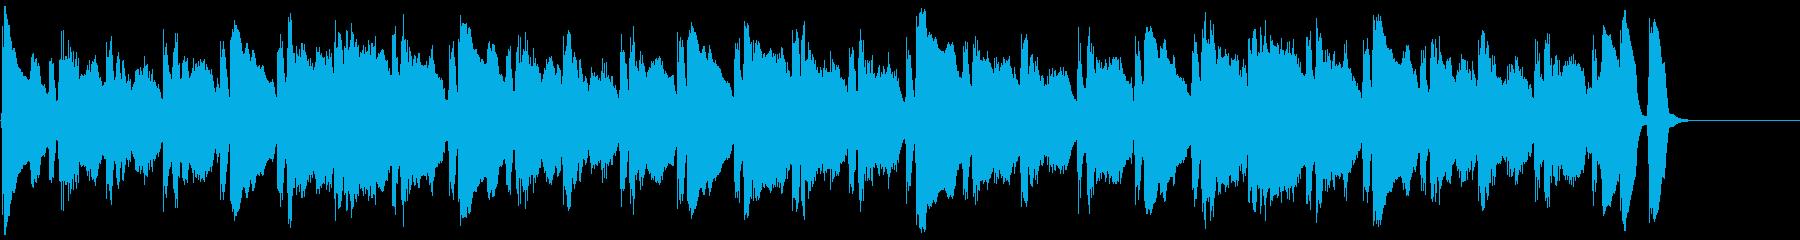 ネットCM 30秒 フルートB 日常の再生済みの波形